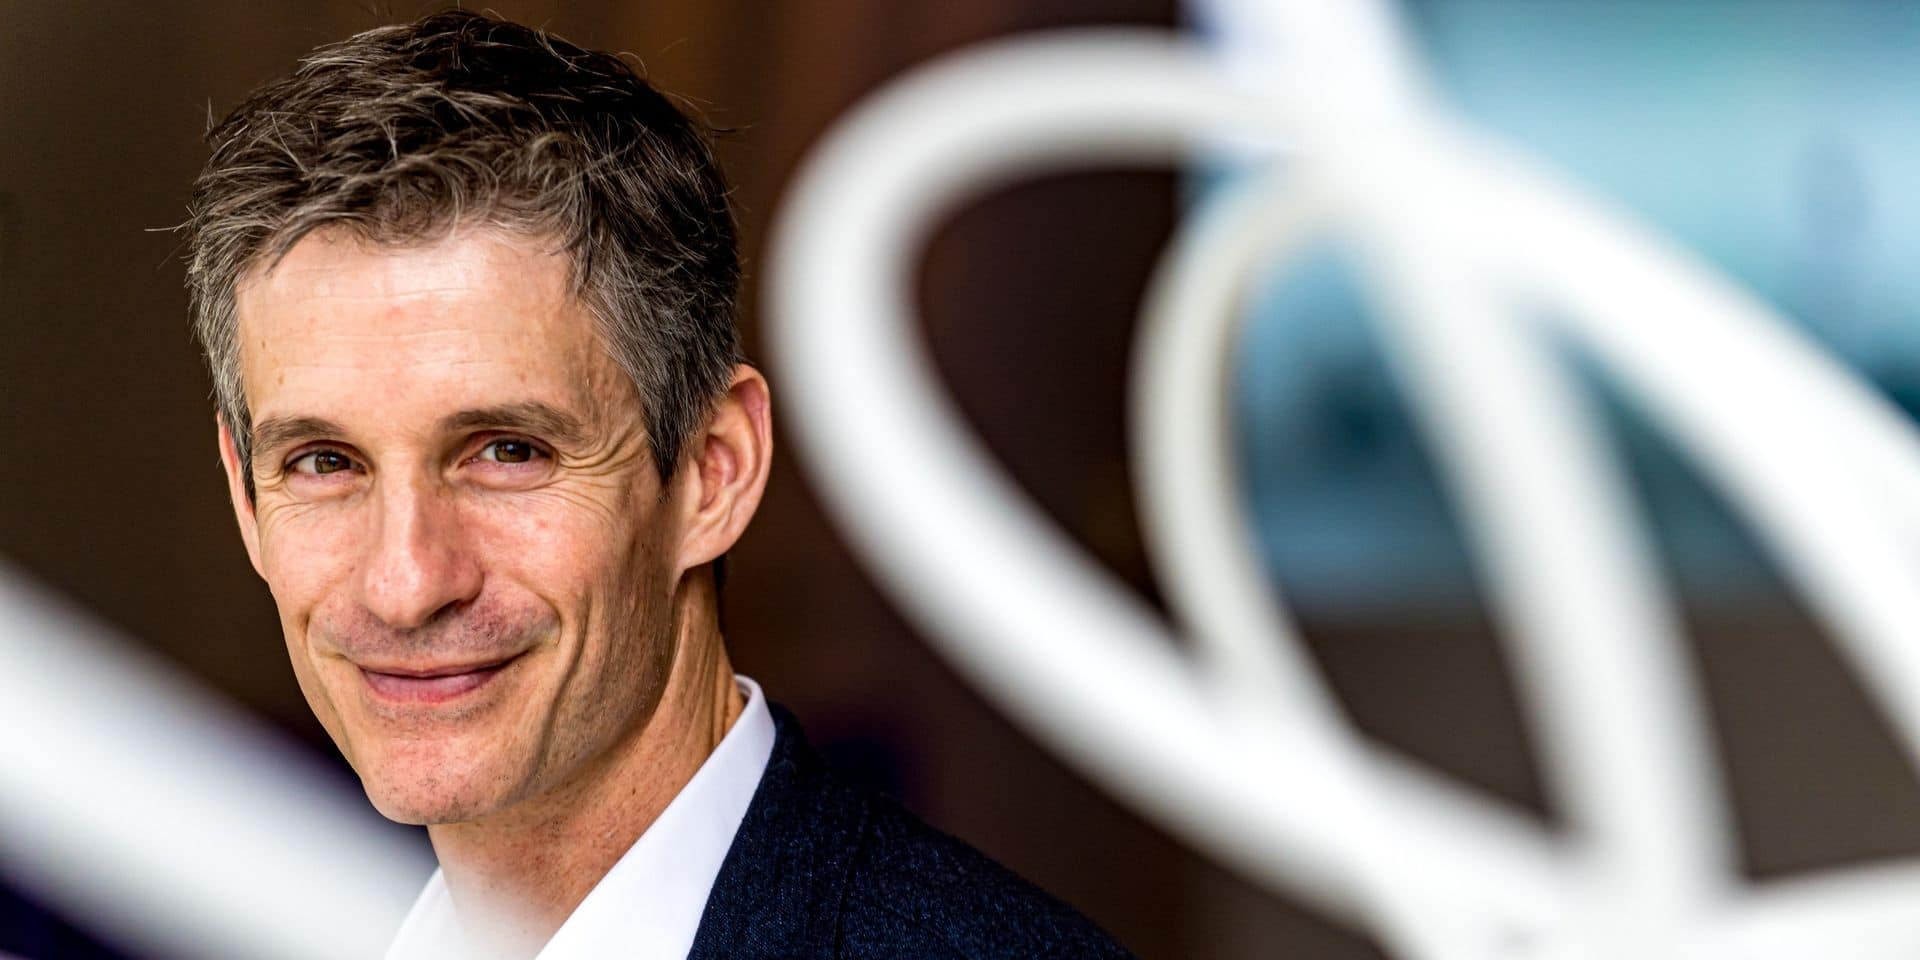 """Proximus nomme un nouveau directeur financier et renforce son positionnement digital avec """"des leaders de renom"""", selon le CEO"""